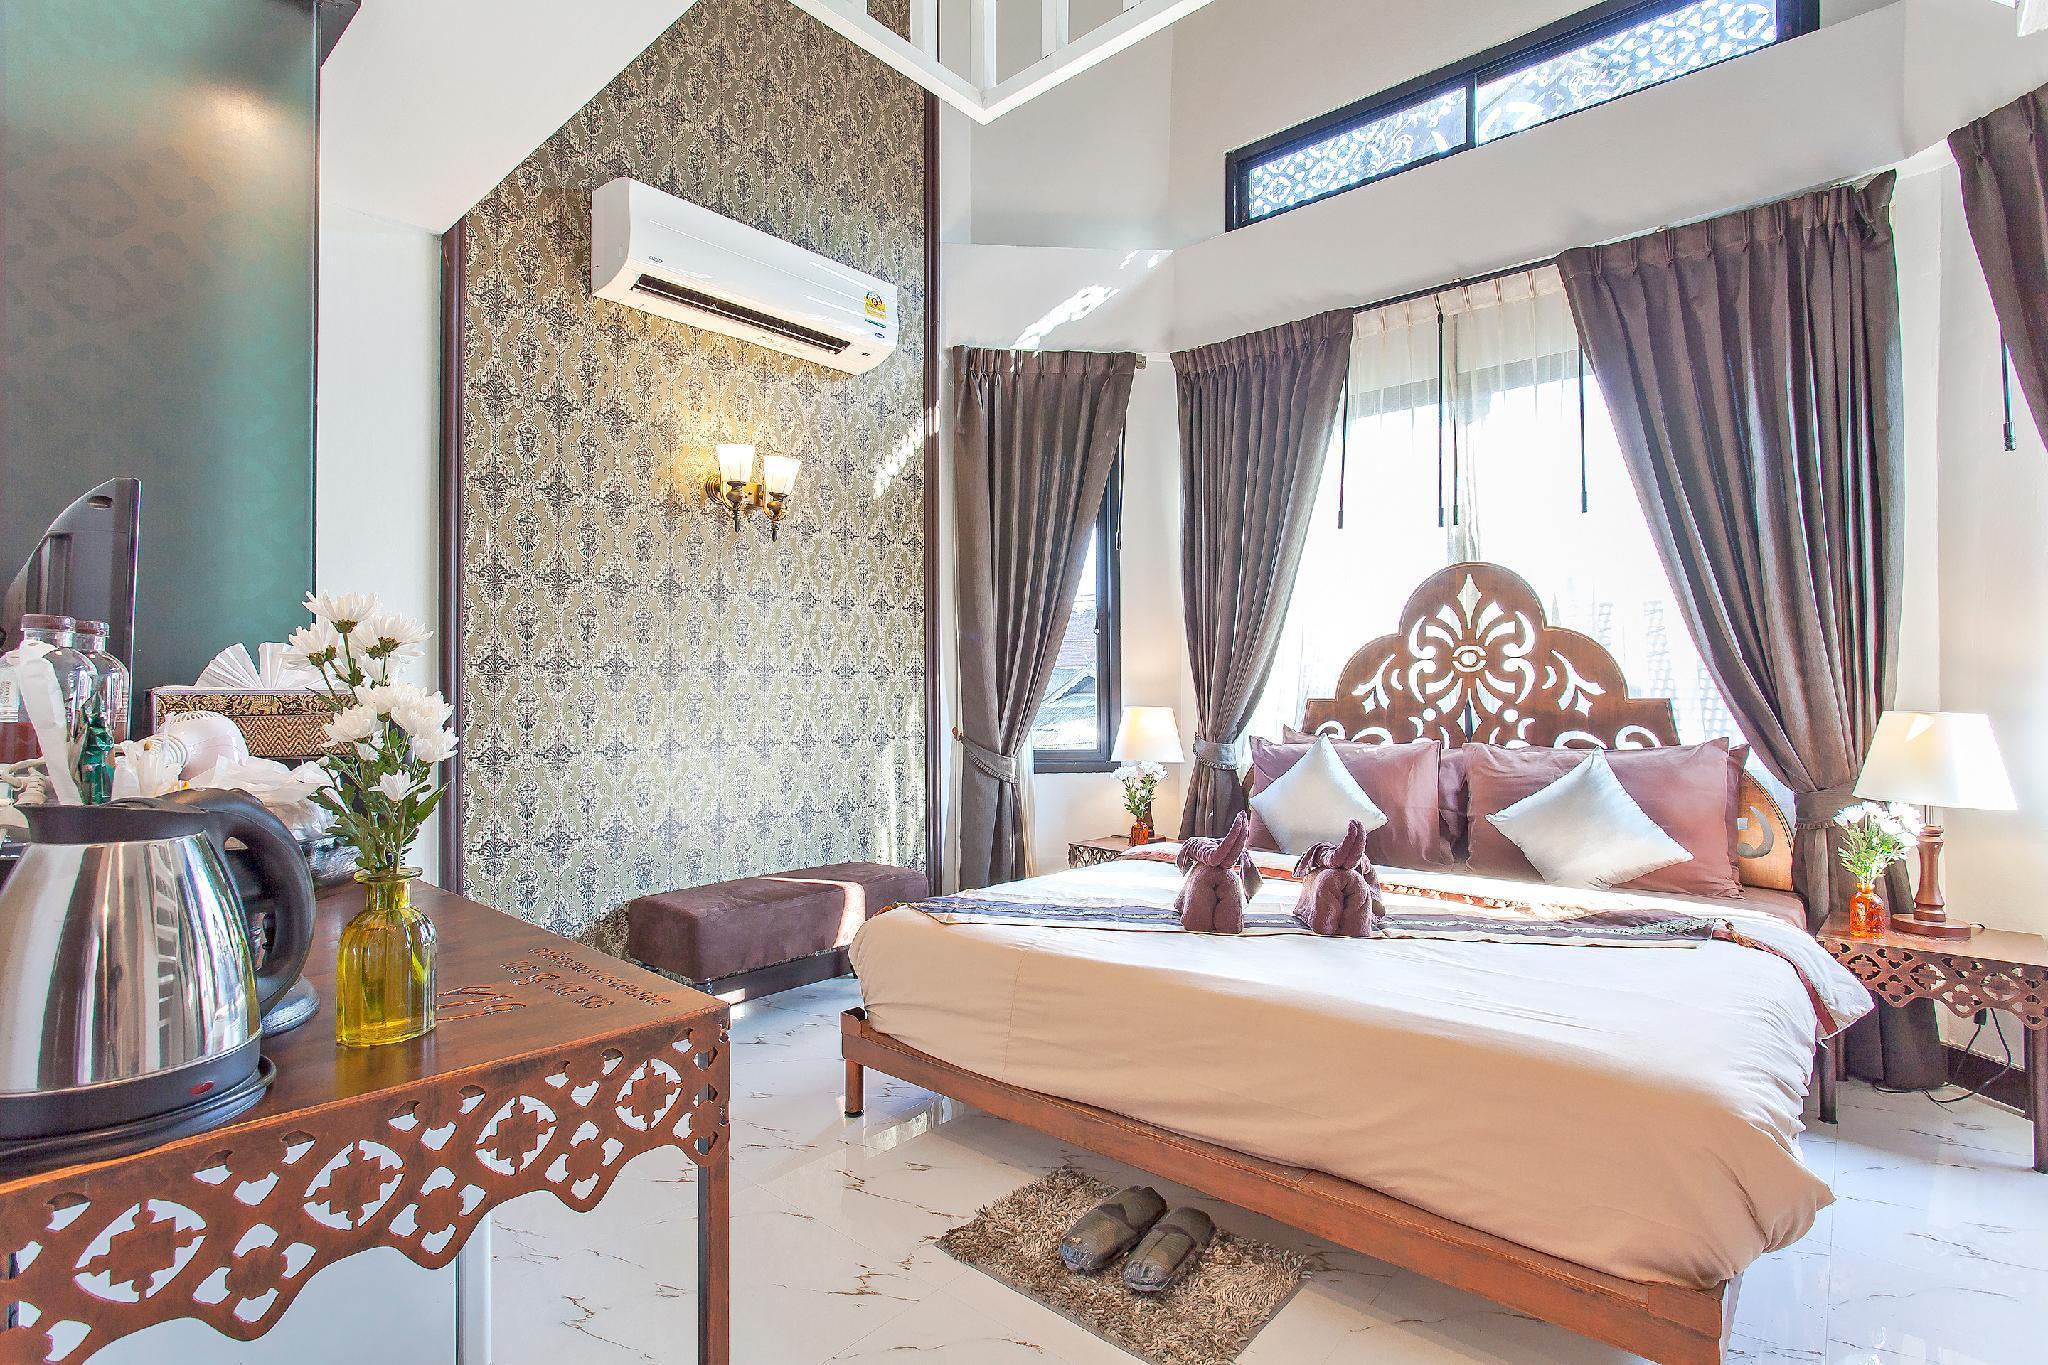 Chedi Luang Boutique Home 10BR Sleeps 22 in City วิลลา 10 ห้องนอน 9 ห้องน้ำส่วนตัว ขนาด 500 ตร.ม. – เขตเมืองเก่า